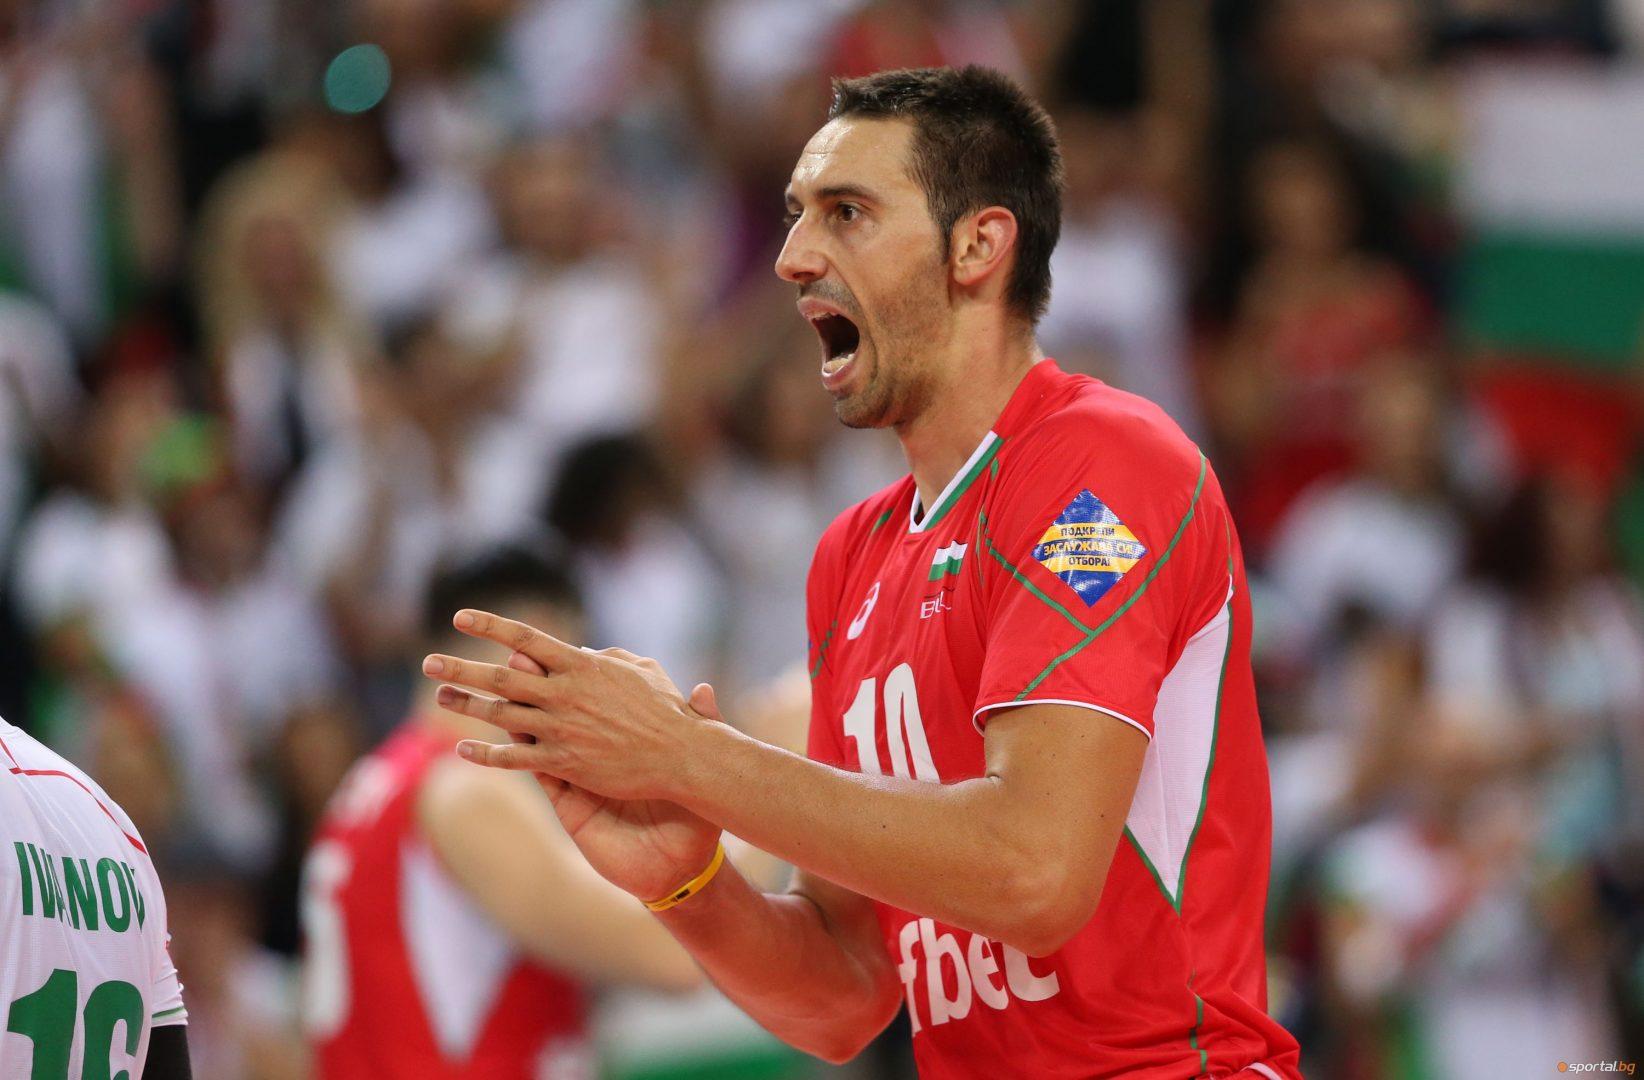 национали Лигата на нациите: Ново начало за волейболните национали А1 Блог